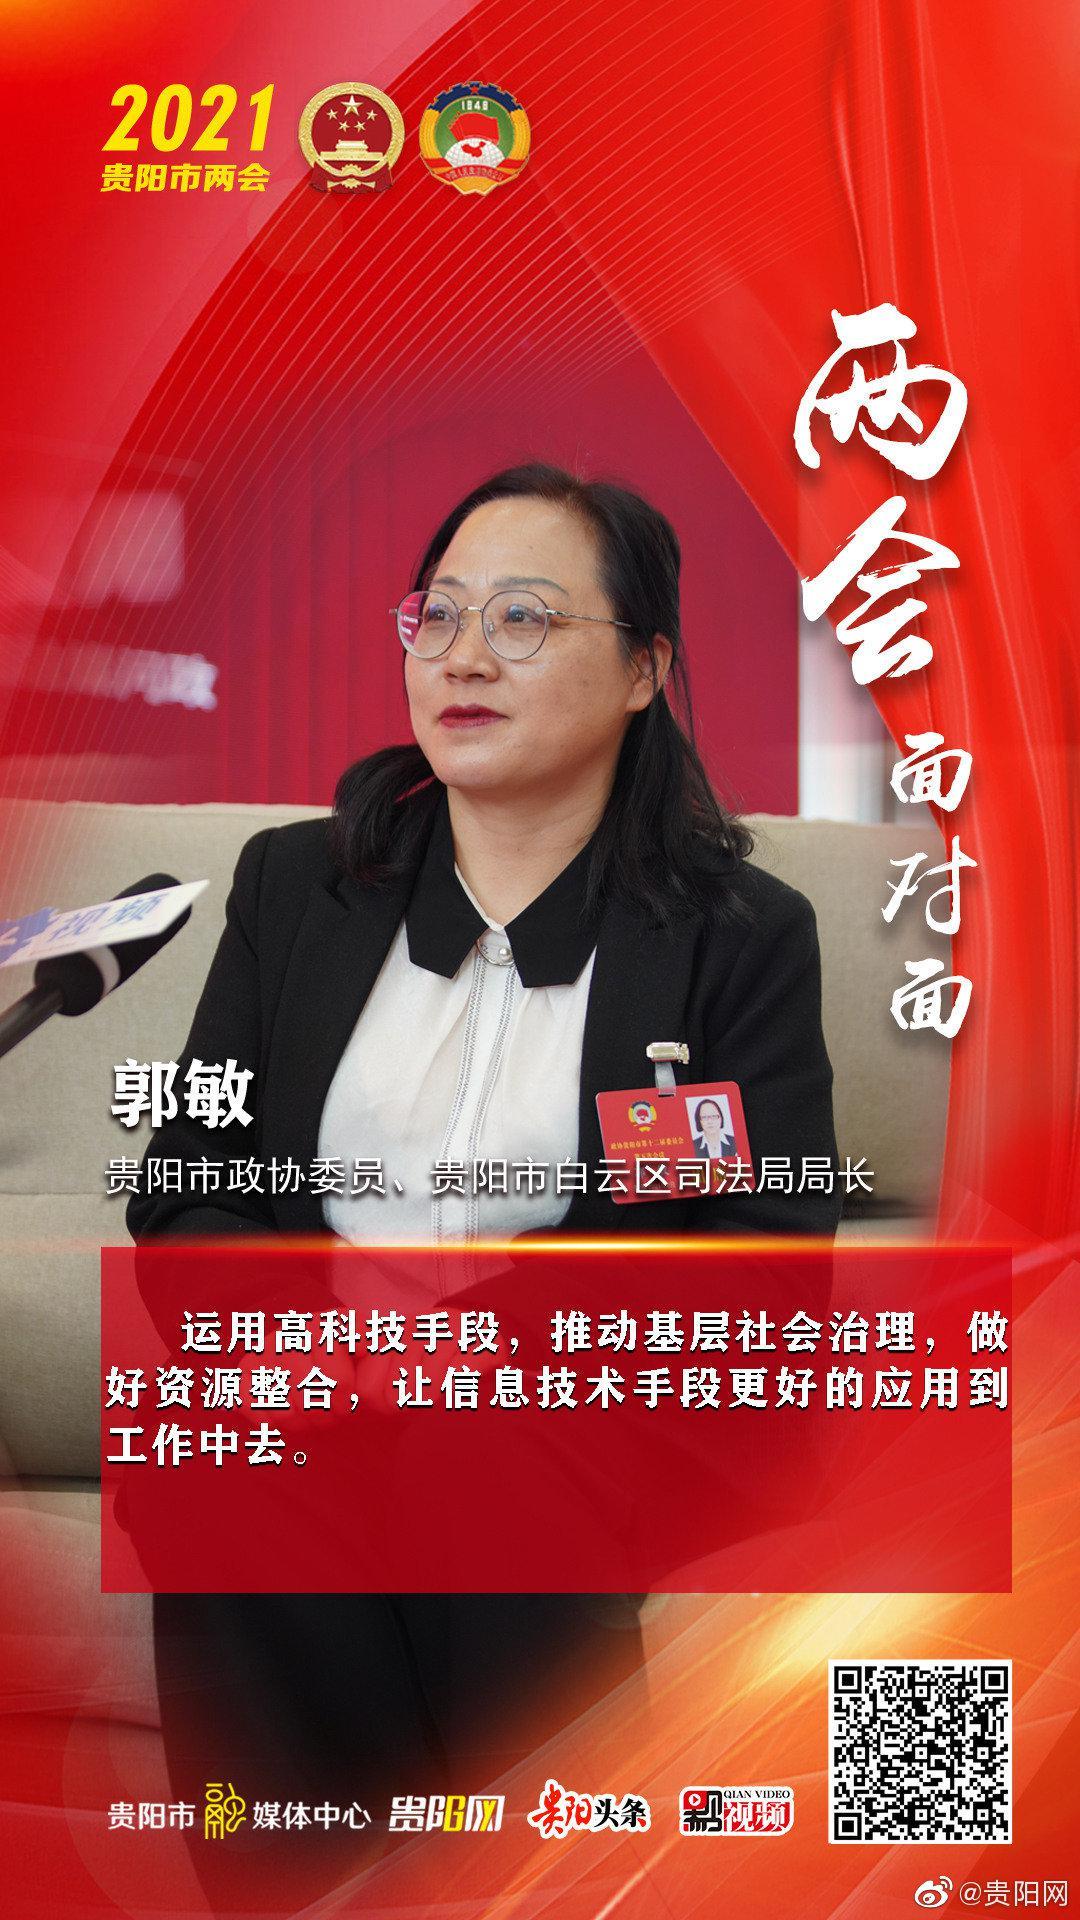 两会面对面 贵阳市政协委员、白云区司法局局长郭敏:运用高科技,推动基层治理